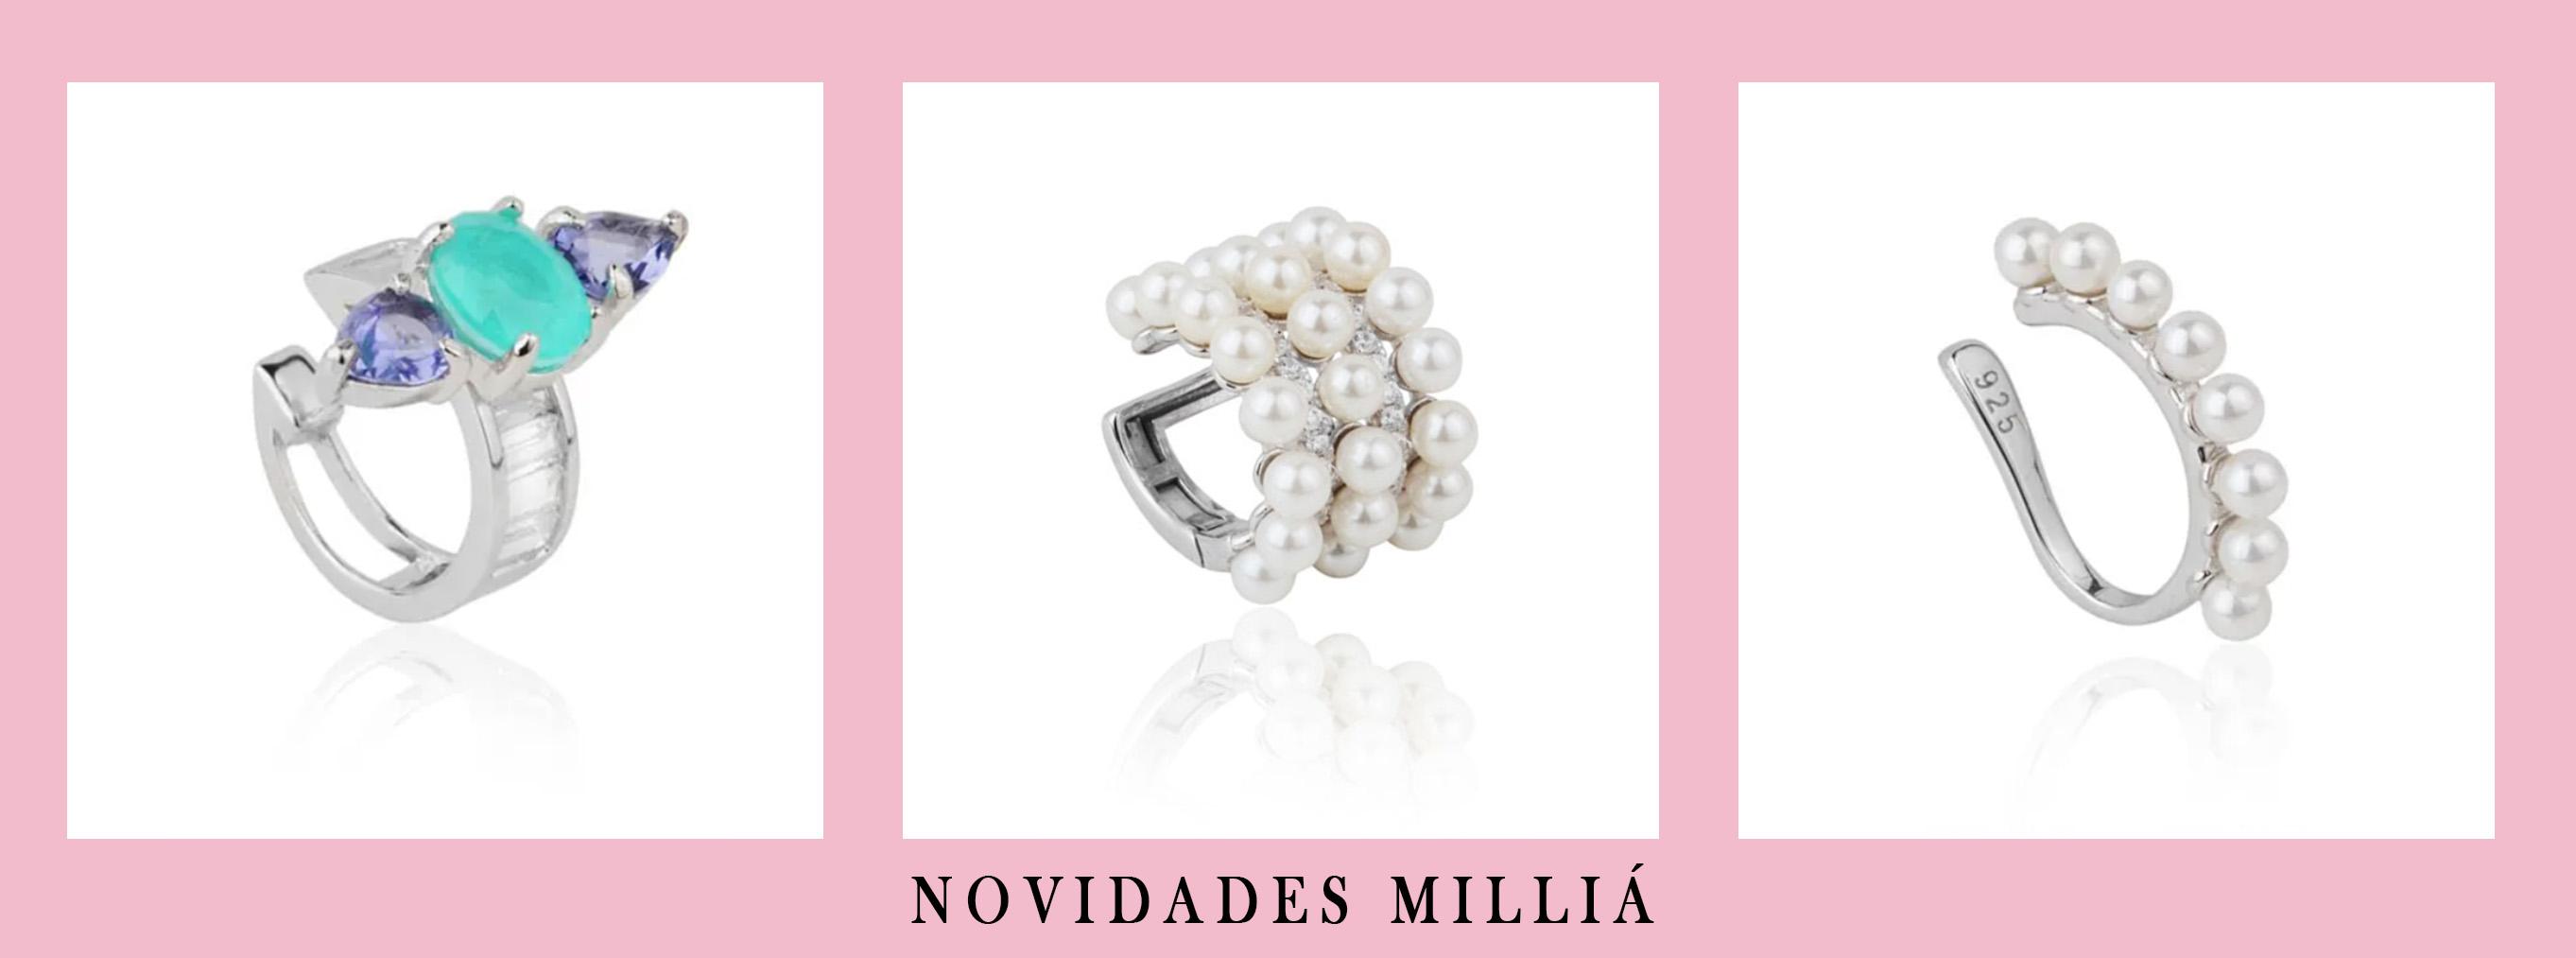 novidades de piercings da Milliá